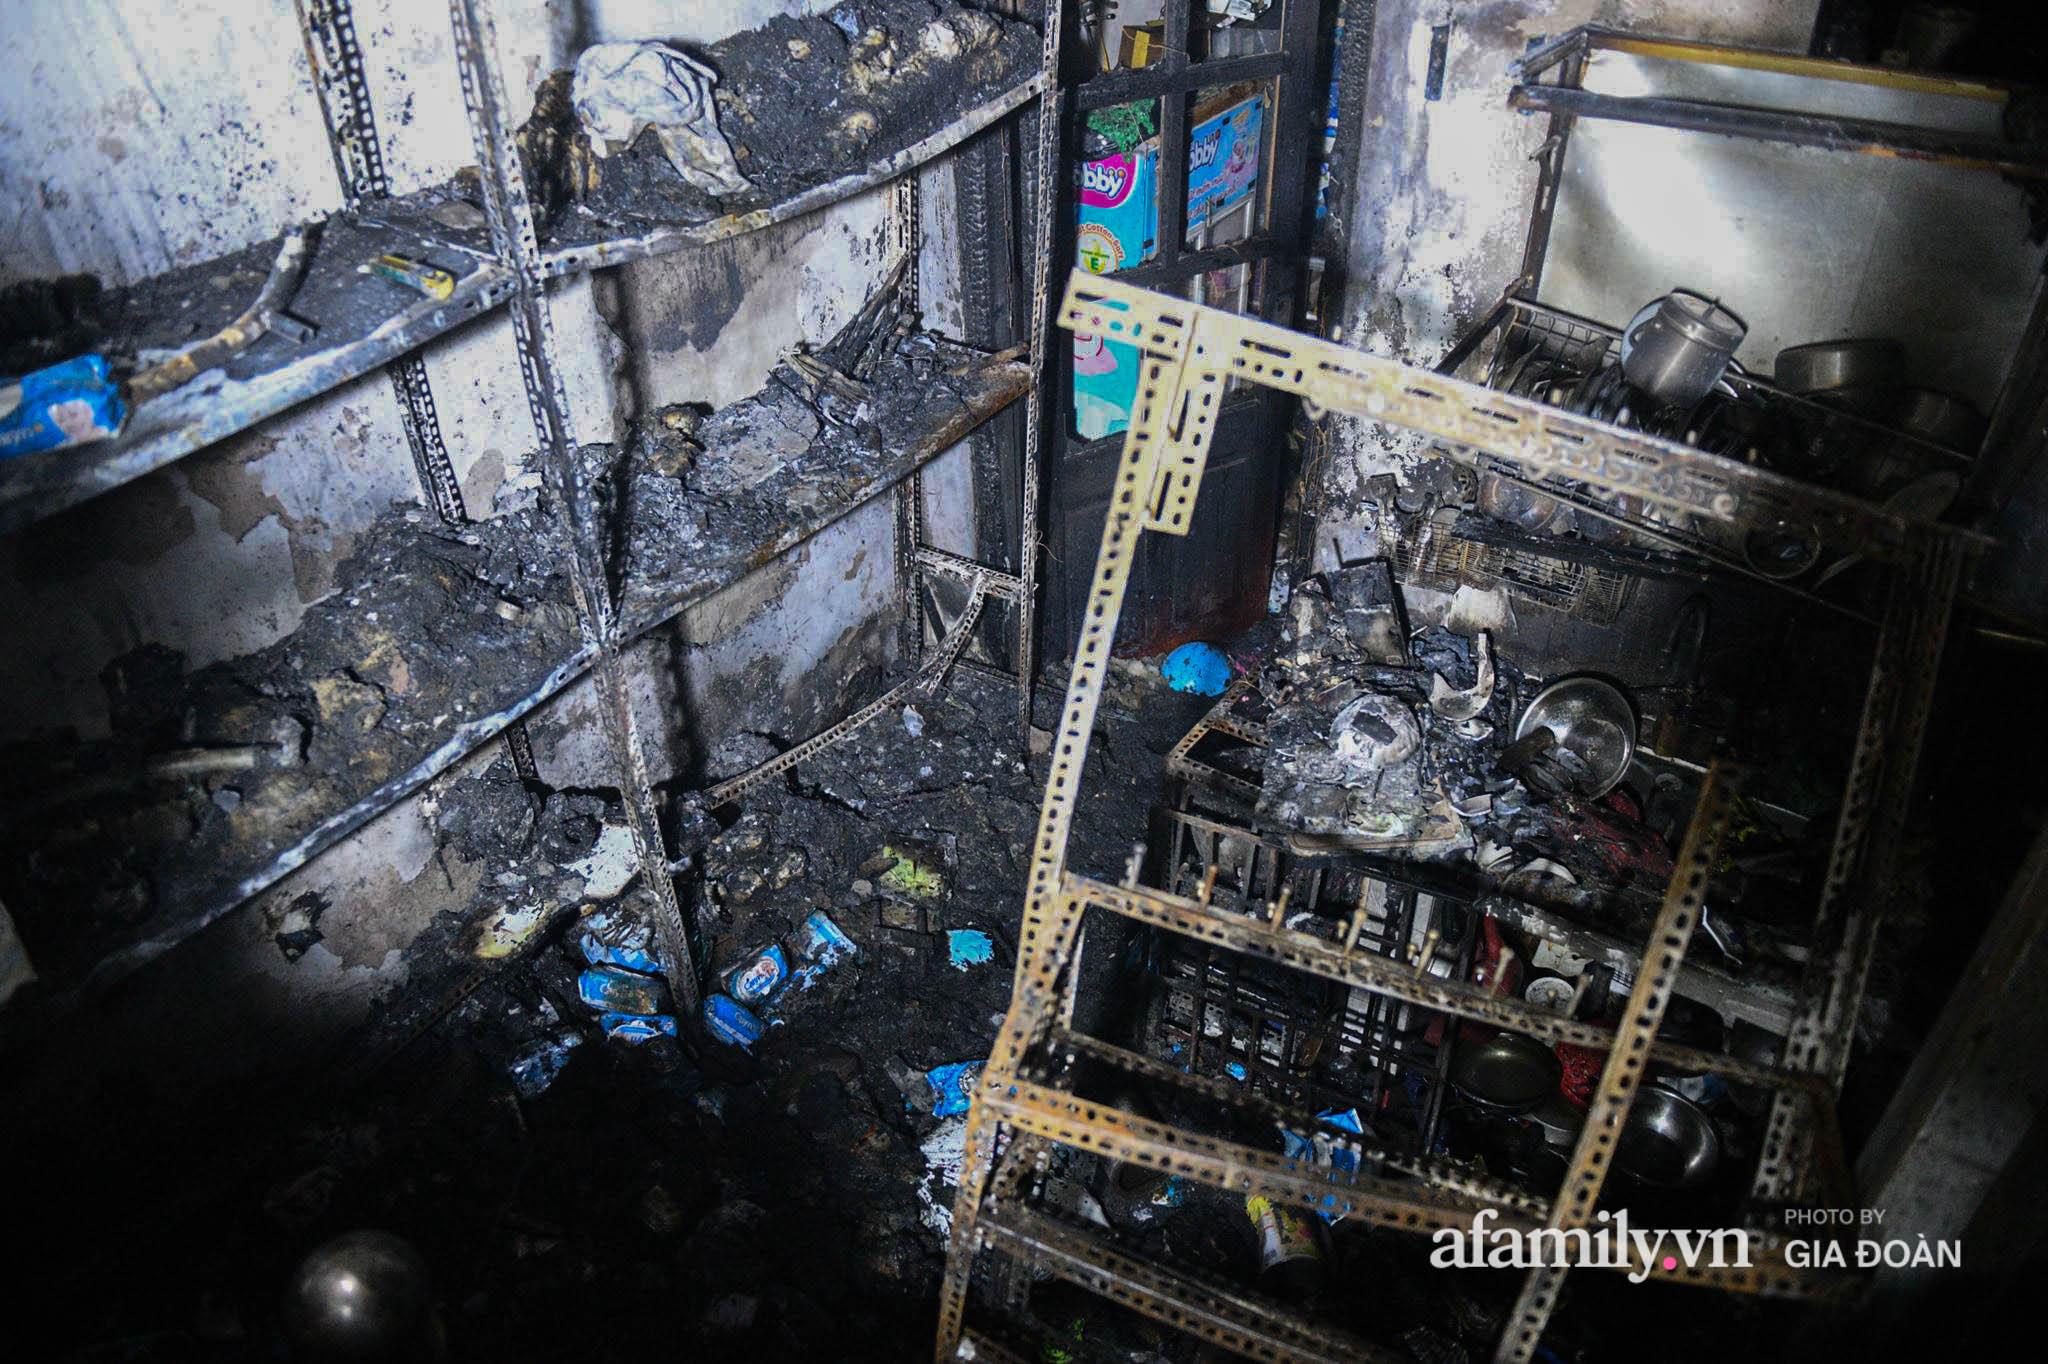 Hiện trường ám ảnh bên trong ngôi nhà bị cháy khiến 4 người trong cùng một gia đình tử vong ở Hà Nội - Ảnh 2.